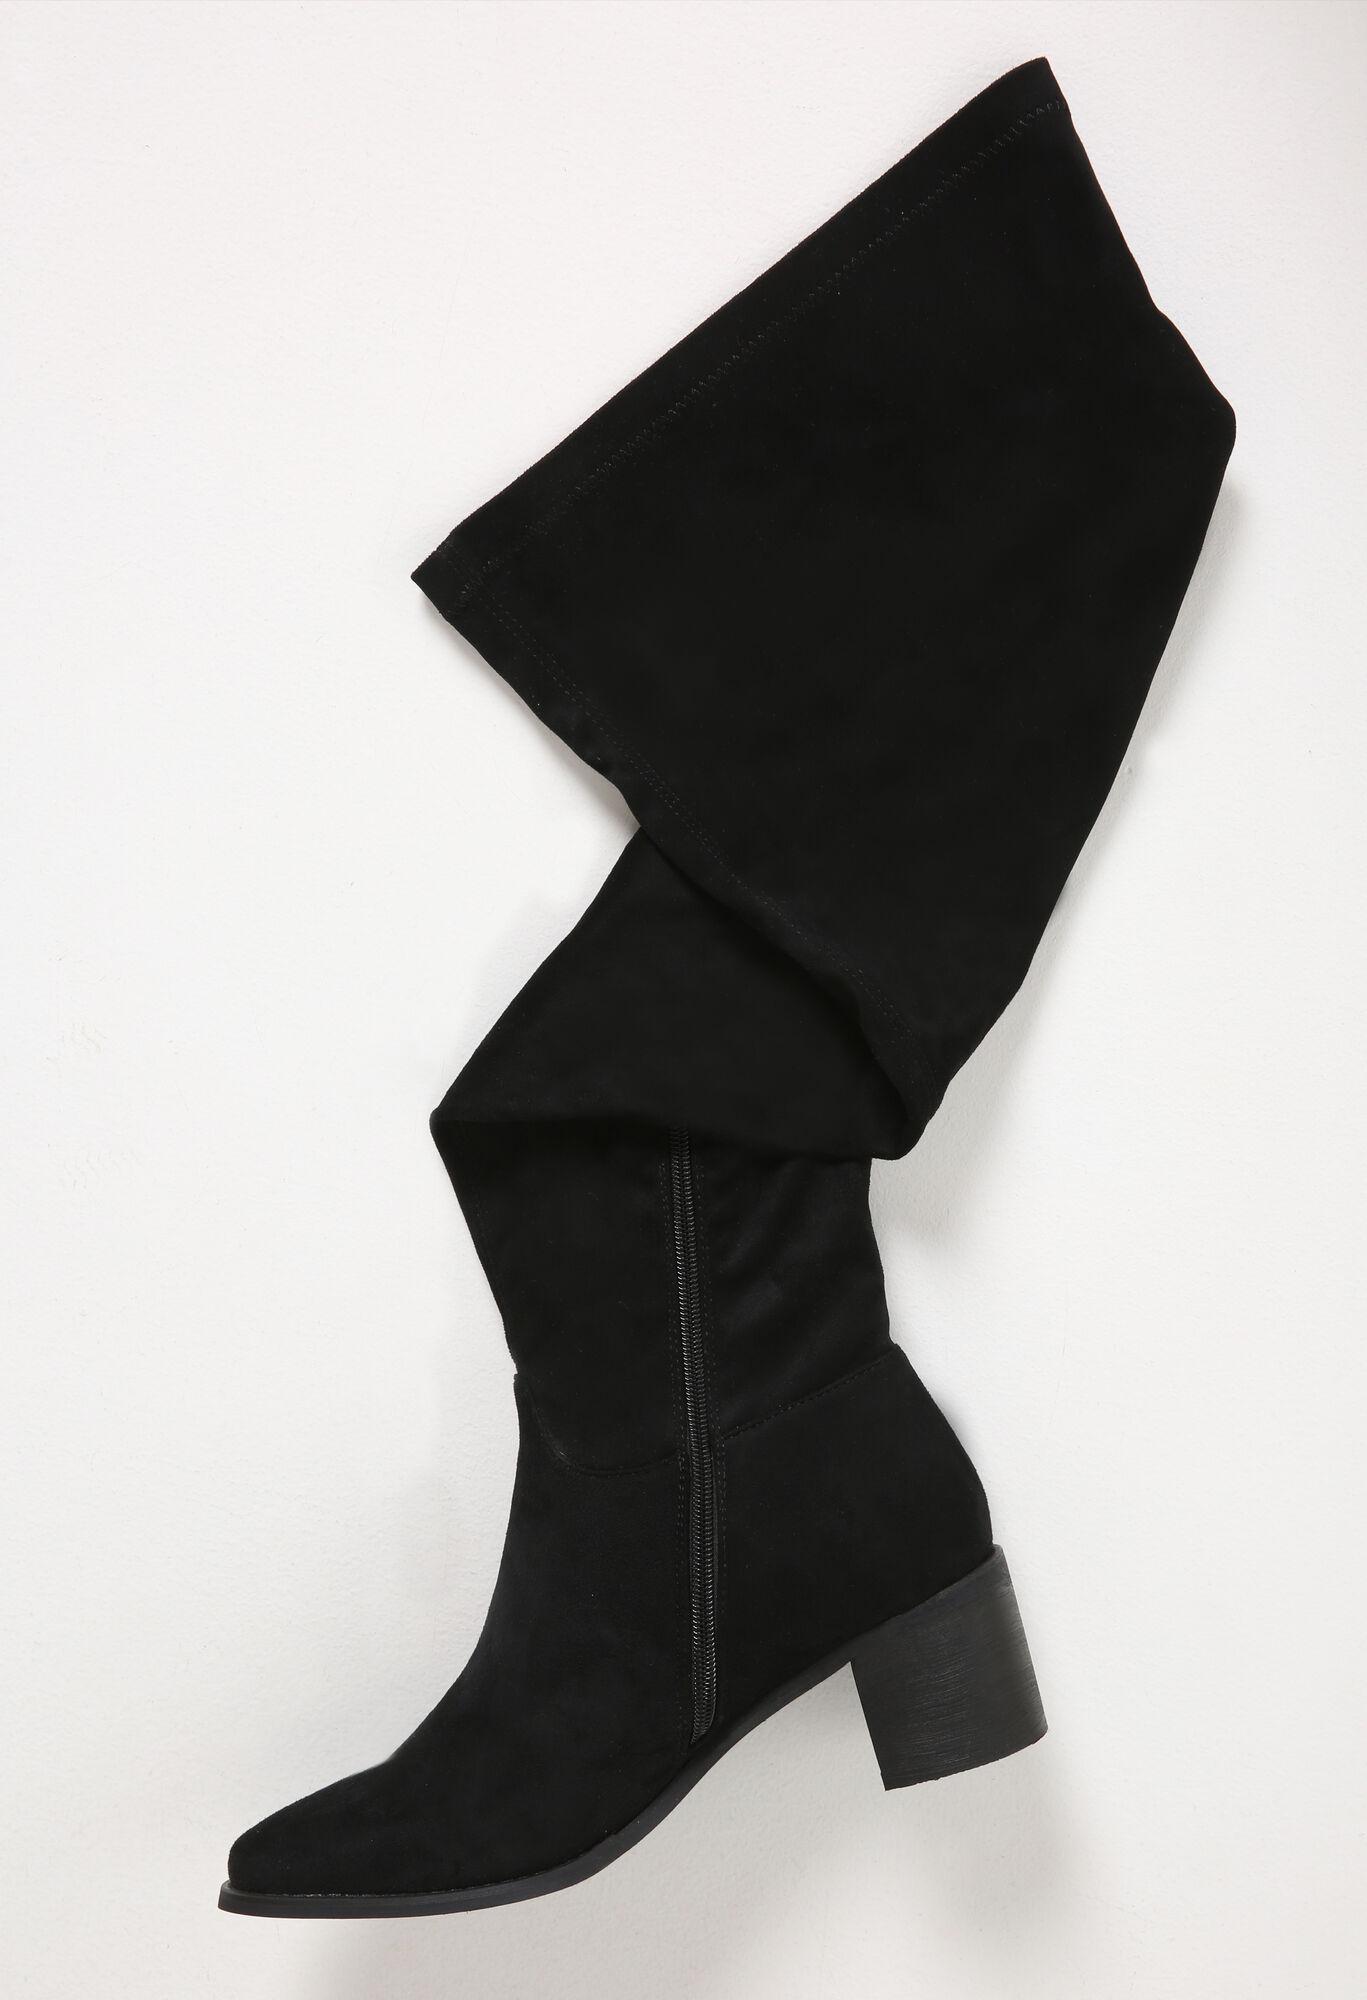 Overknee-Stiefel für kräftige Waden - Schwarz - Paprika